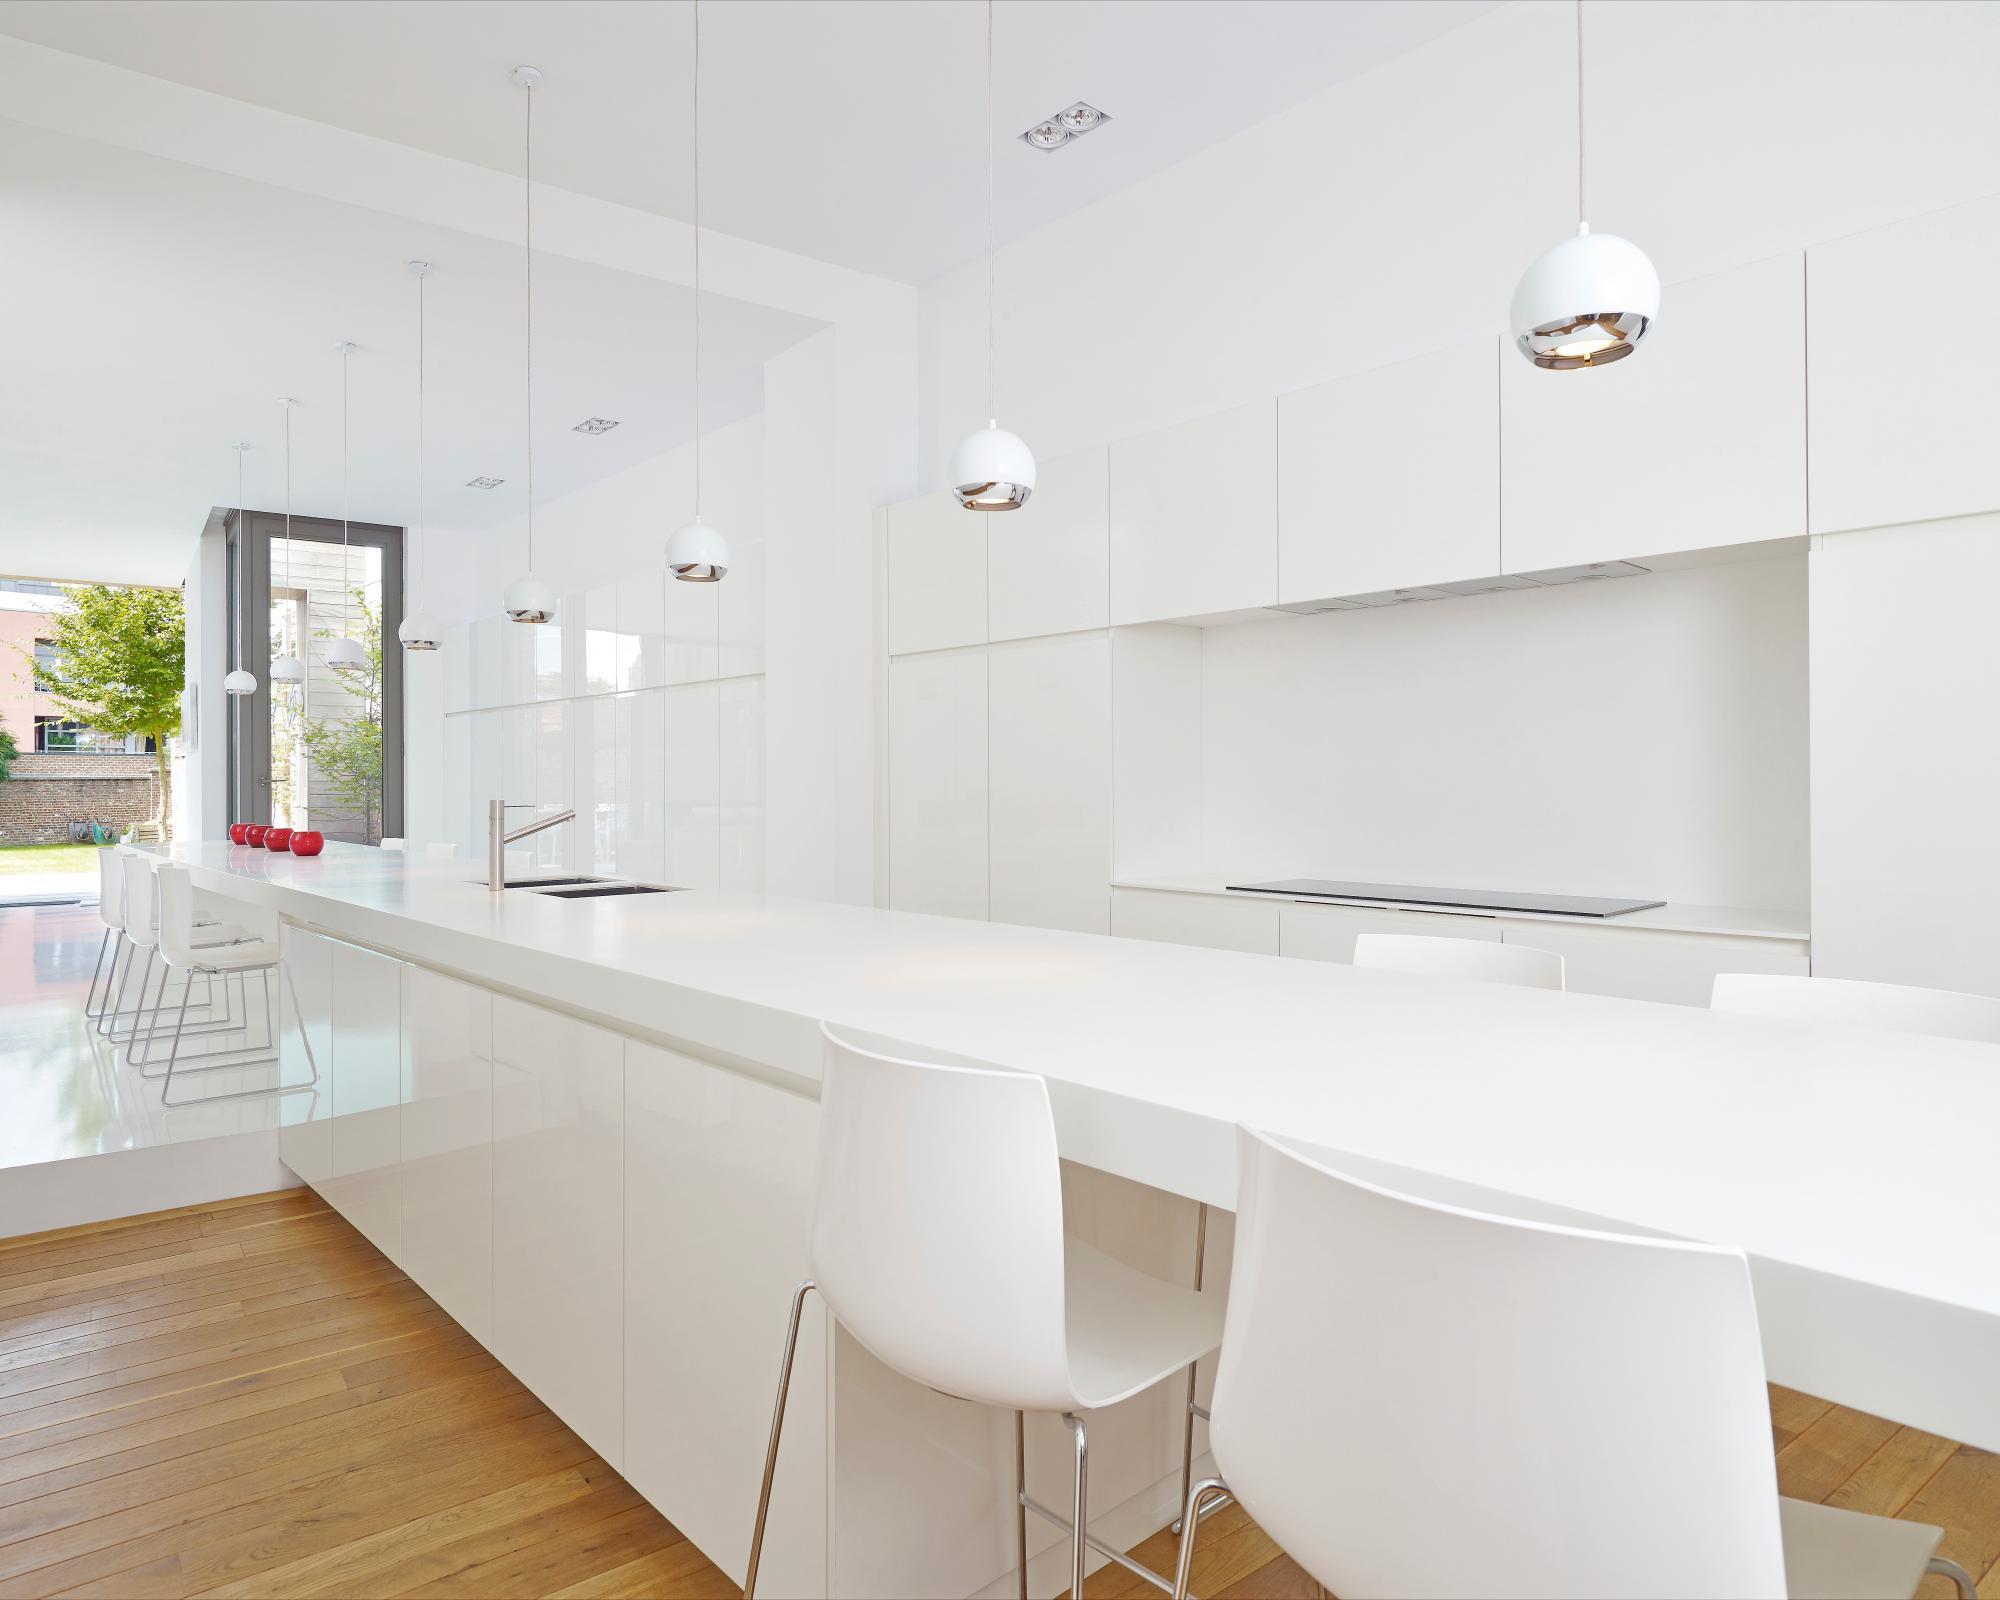 Geintegreerde keuken wastafel een badkamer met een schuine muur